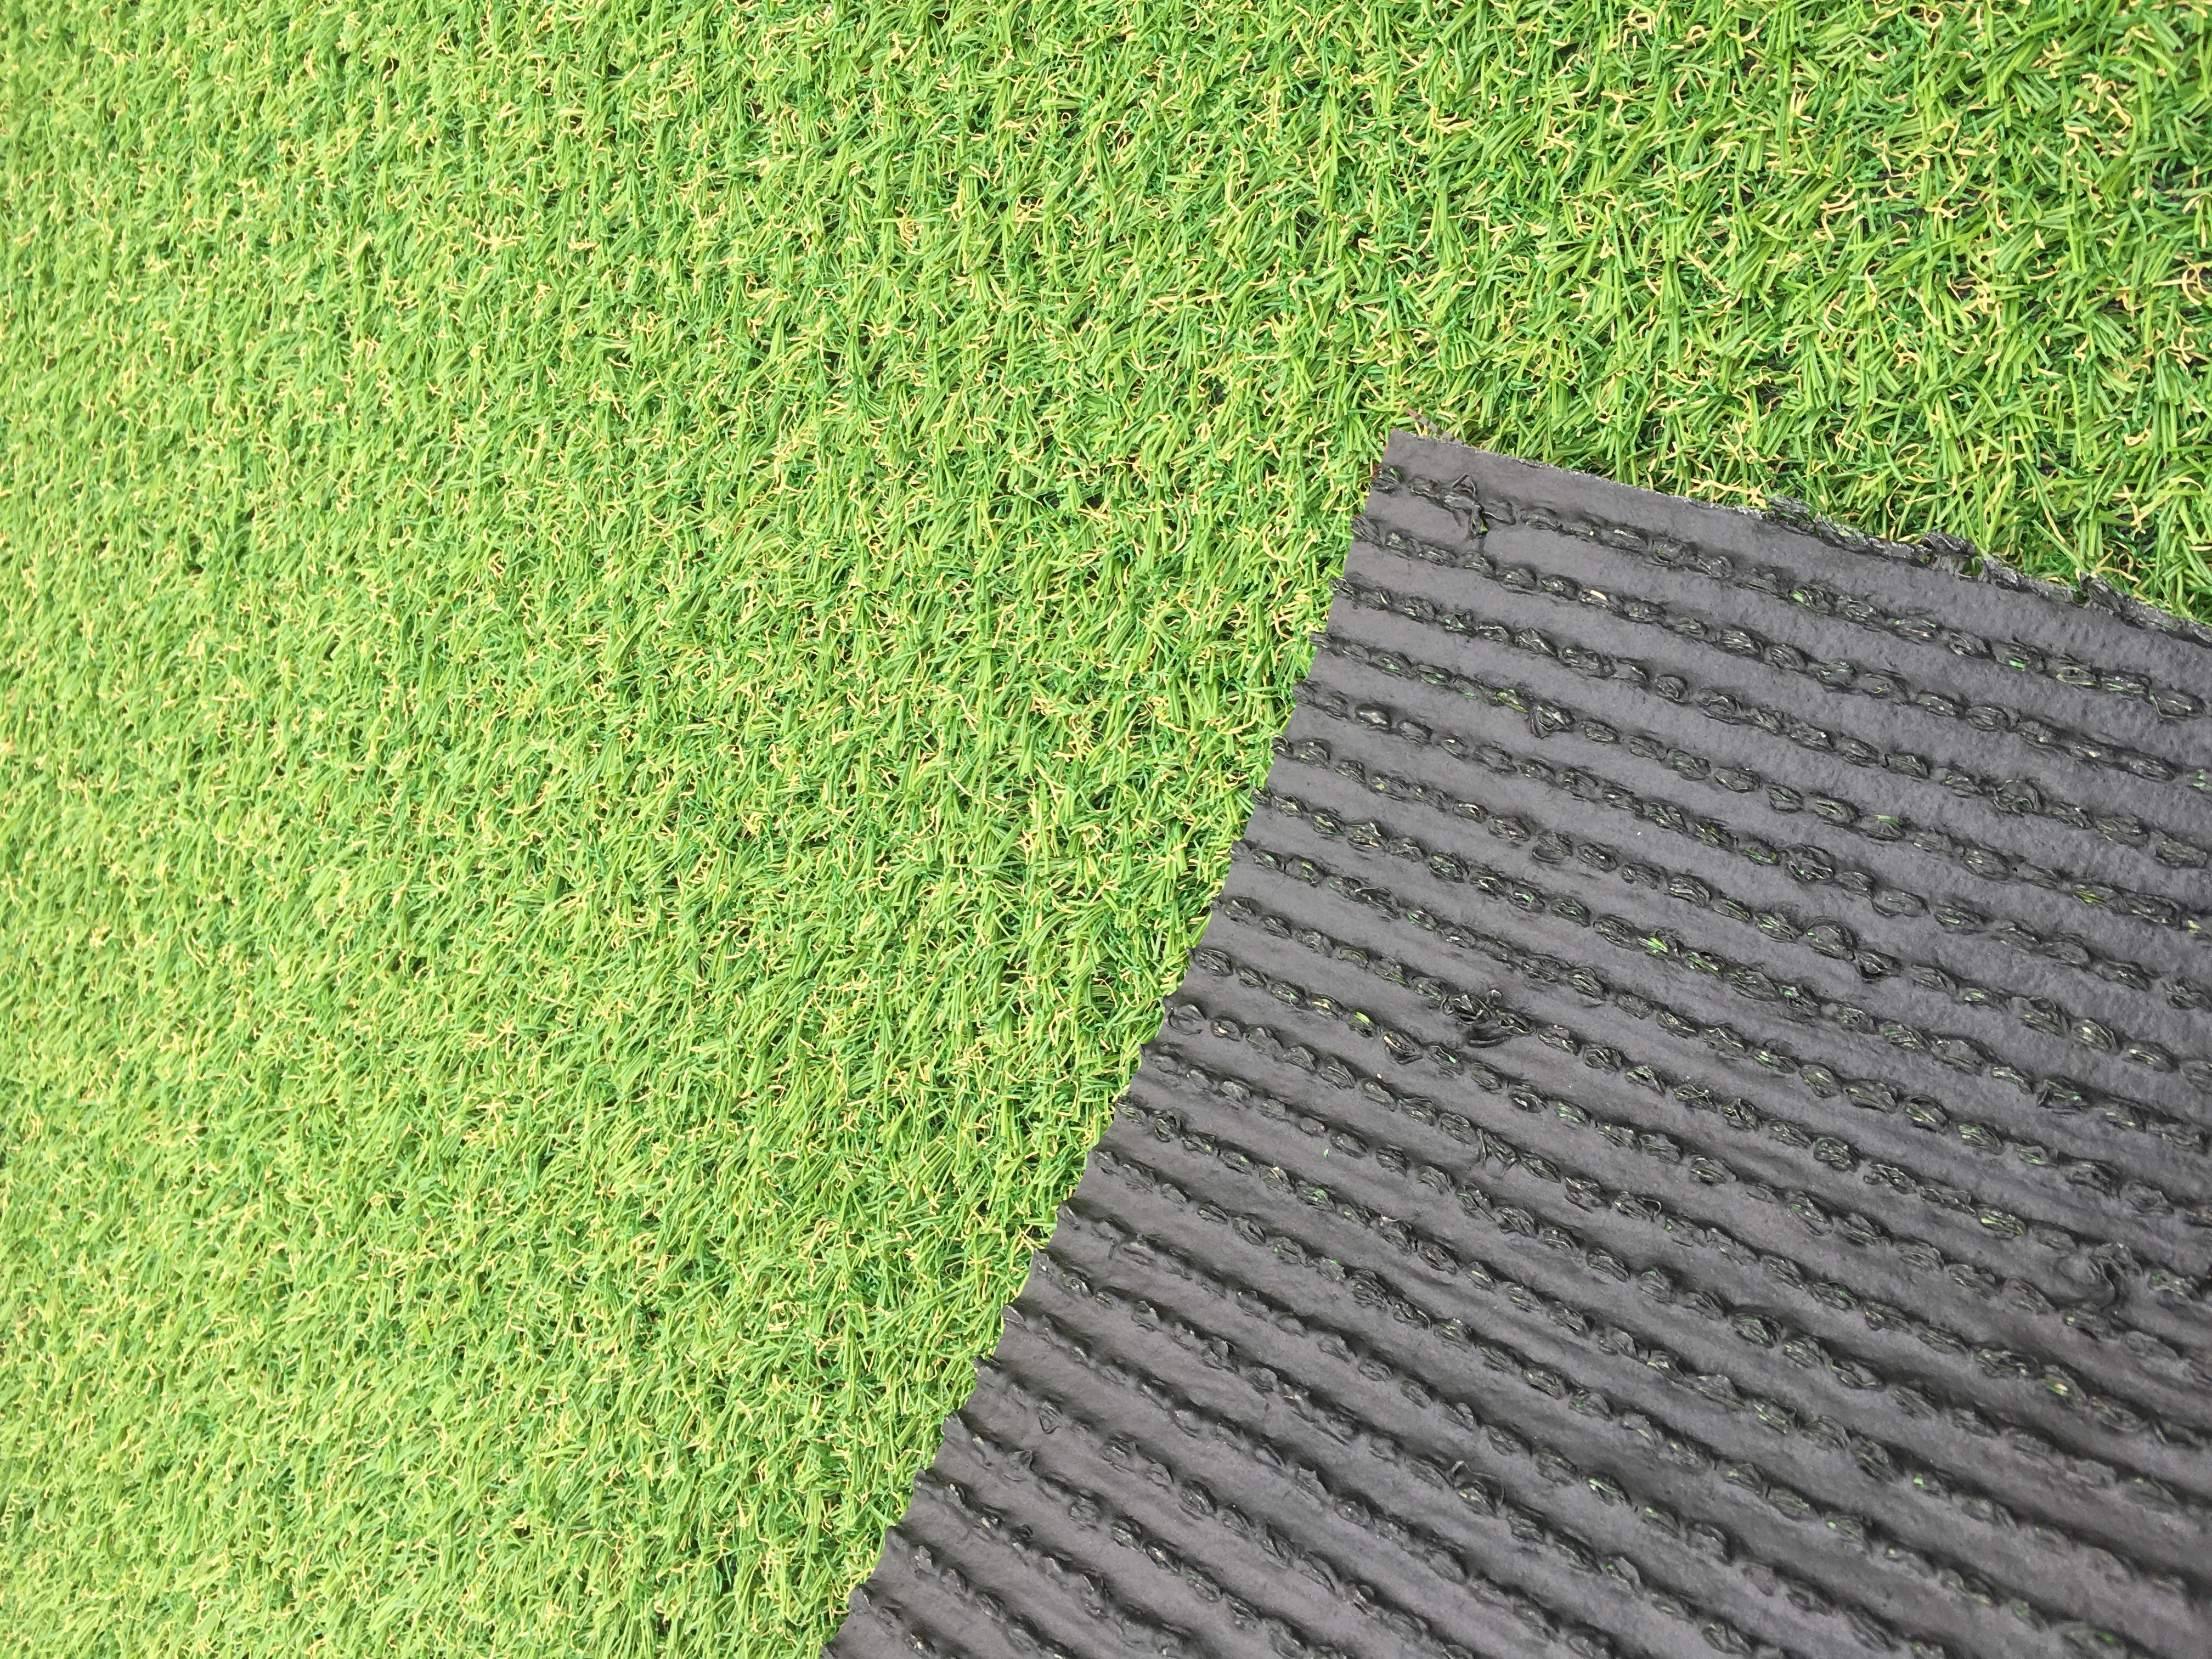 Covor Iarba Artificiala, Tip Gazon, Verde, Natura, 100% Polipropilena, 10 mm, 100x400 cm 2